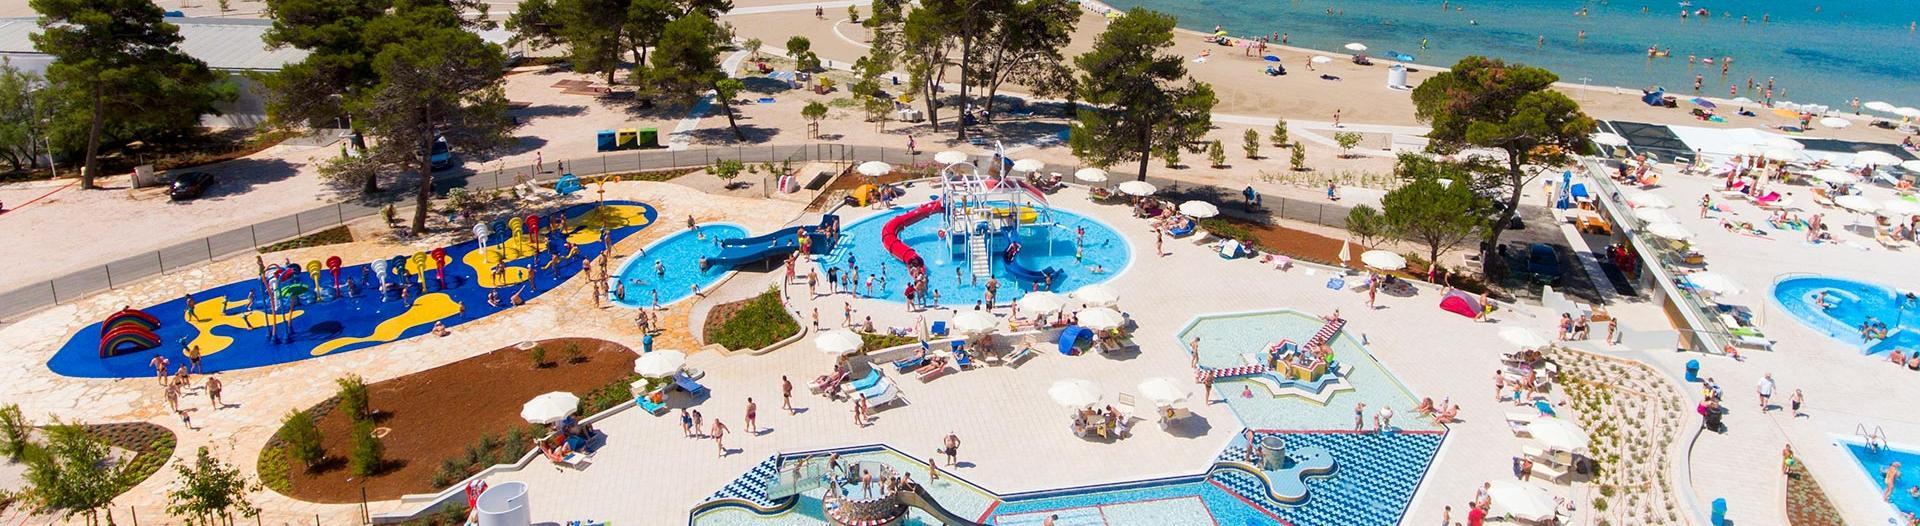 slider-camping-zaton-croatie-piscines-enfants-bord-de-plage